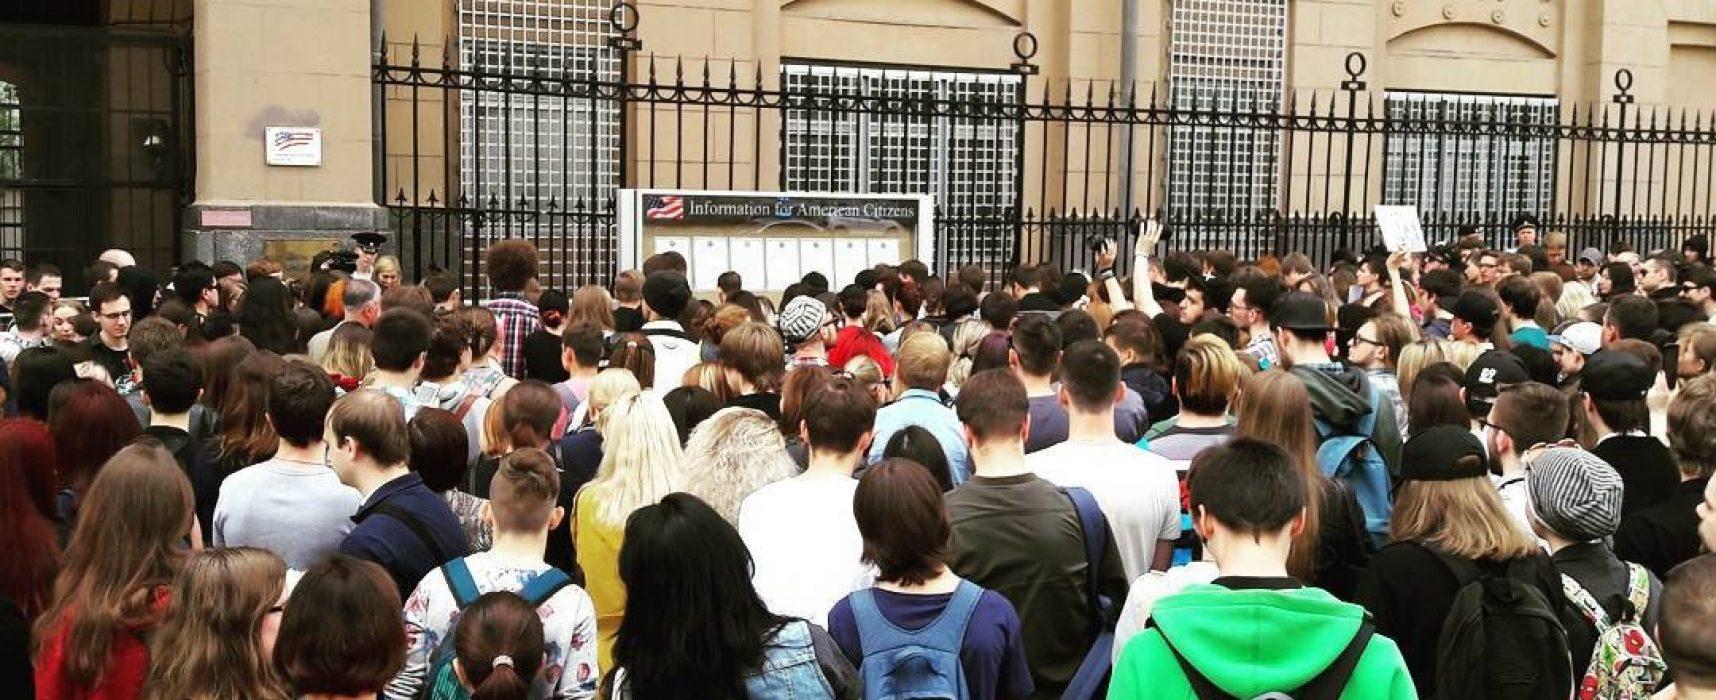 """РИА """"Новости"""" представи феновете на Linkin Park за опашка пред посолството на САЩ, която изведнъж изчезнала"""